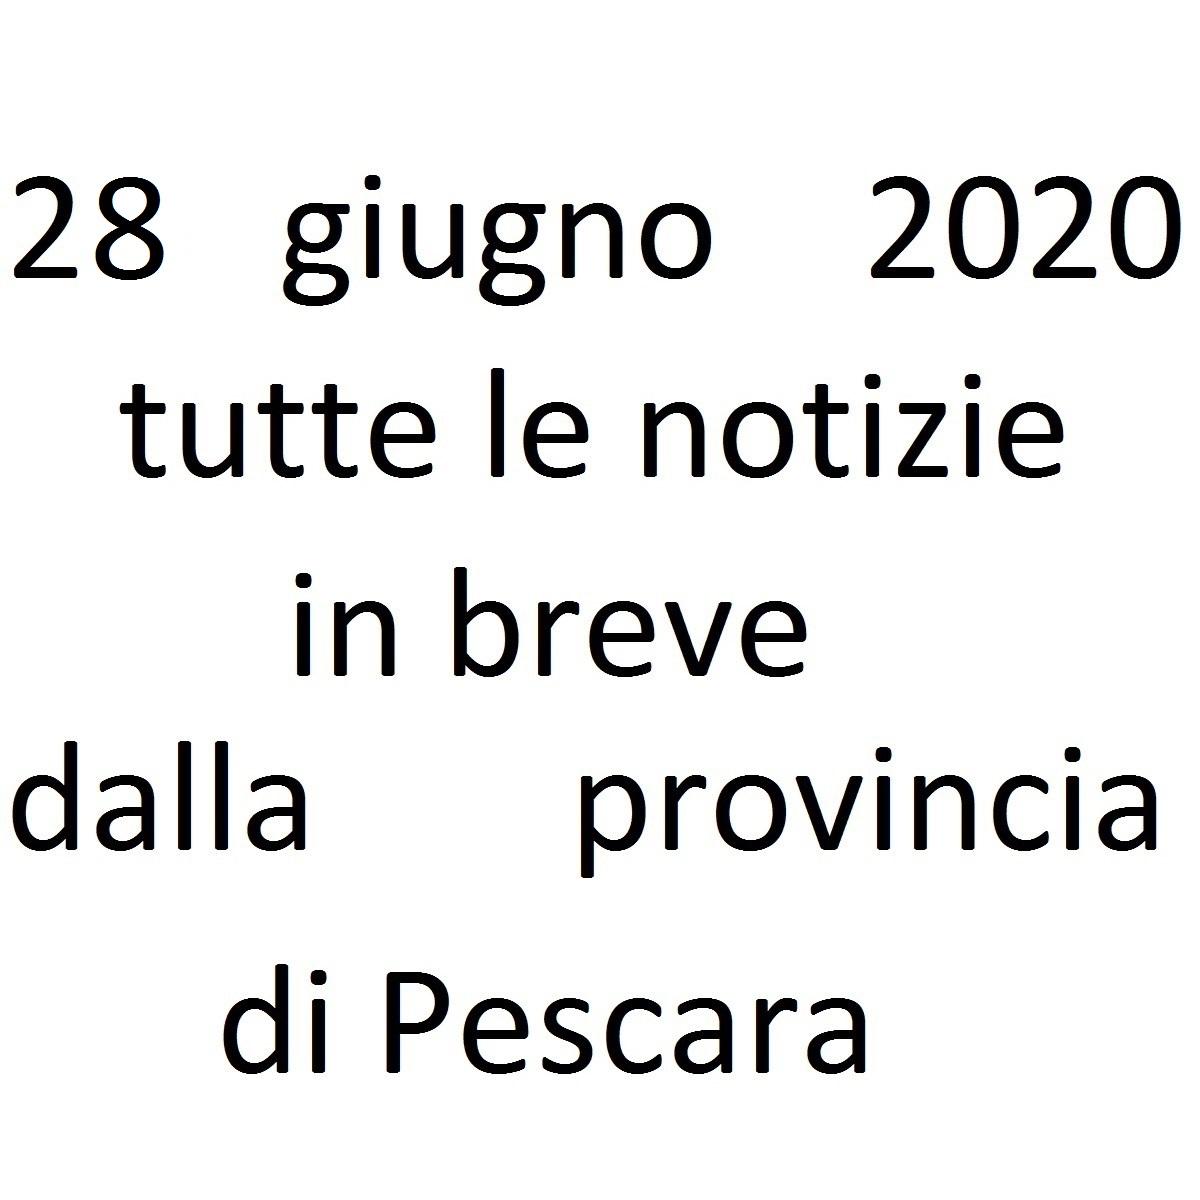 28 giugno 2020 notizie in breve dalla Provincia di Pescara foto